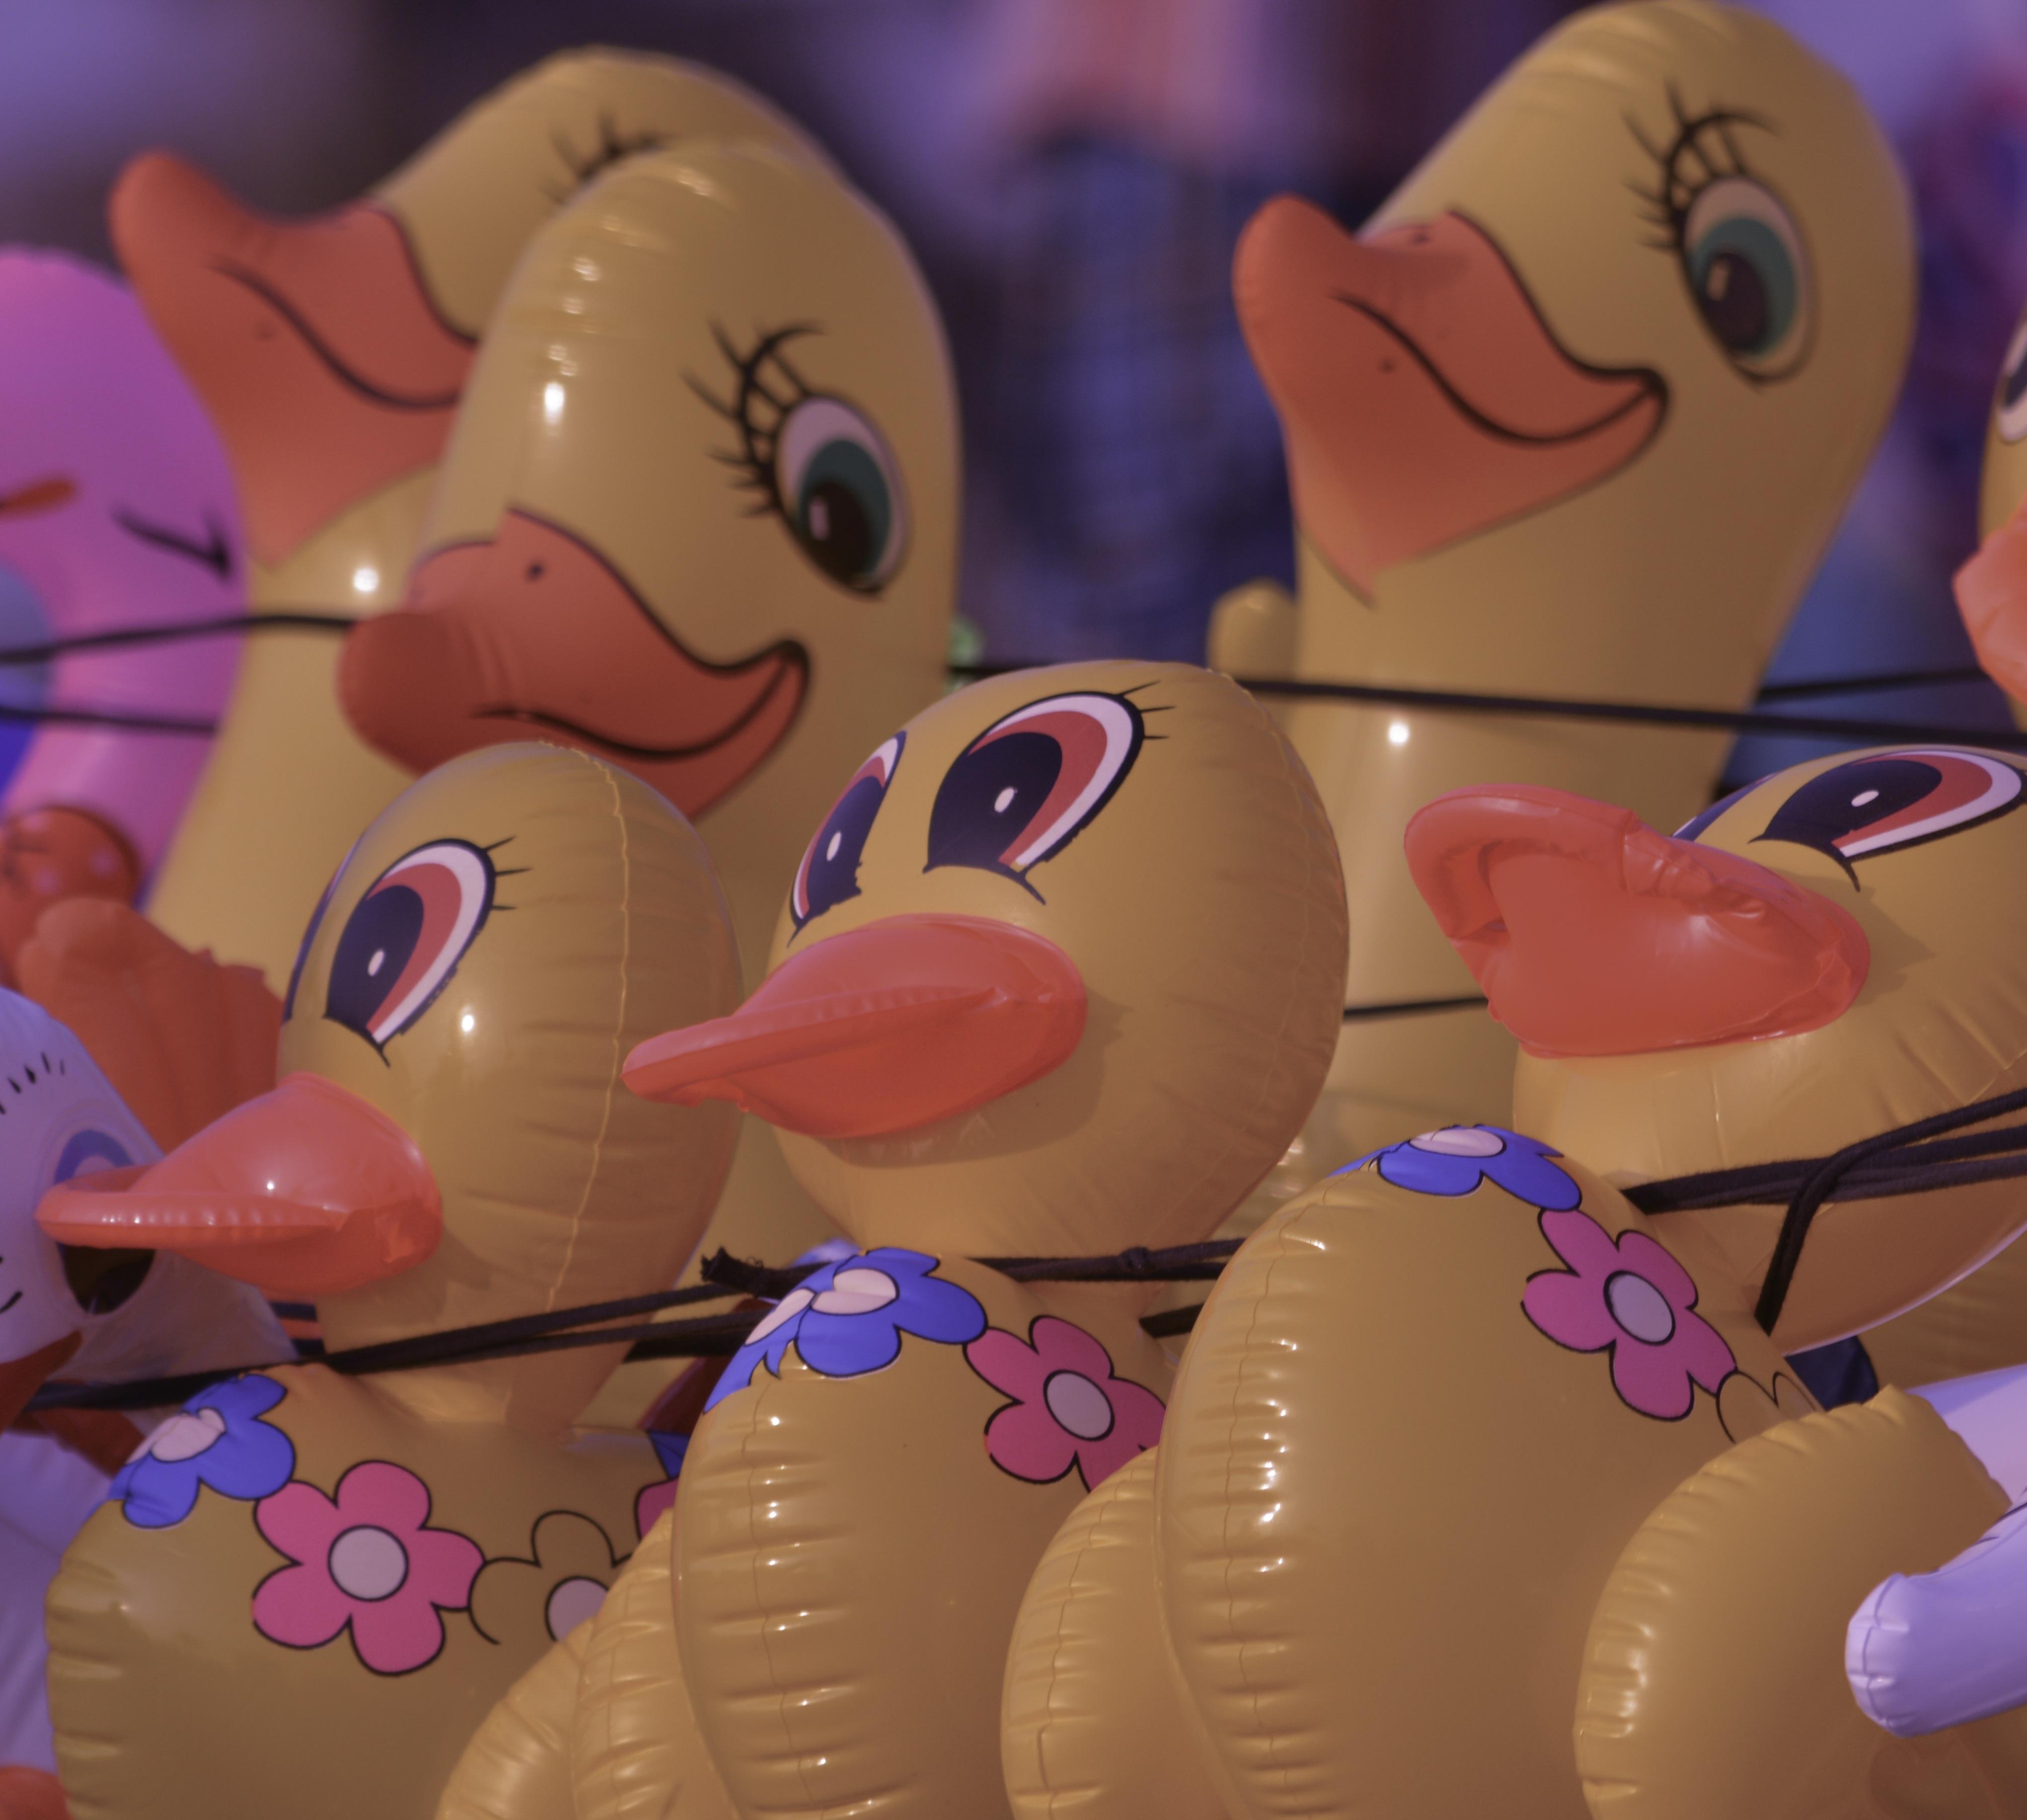 Gambar Bermain Kuning Berwarna Merah Muda Mainan Anak Bebek Karet Kesenangan Itik Burung Air